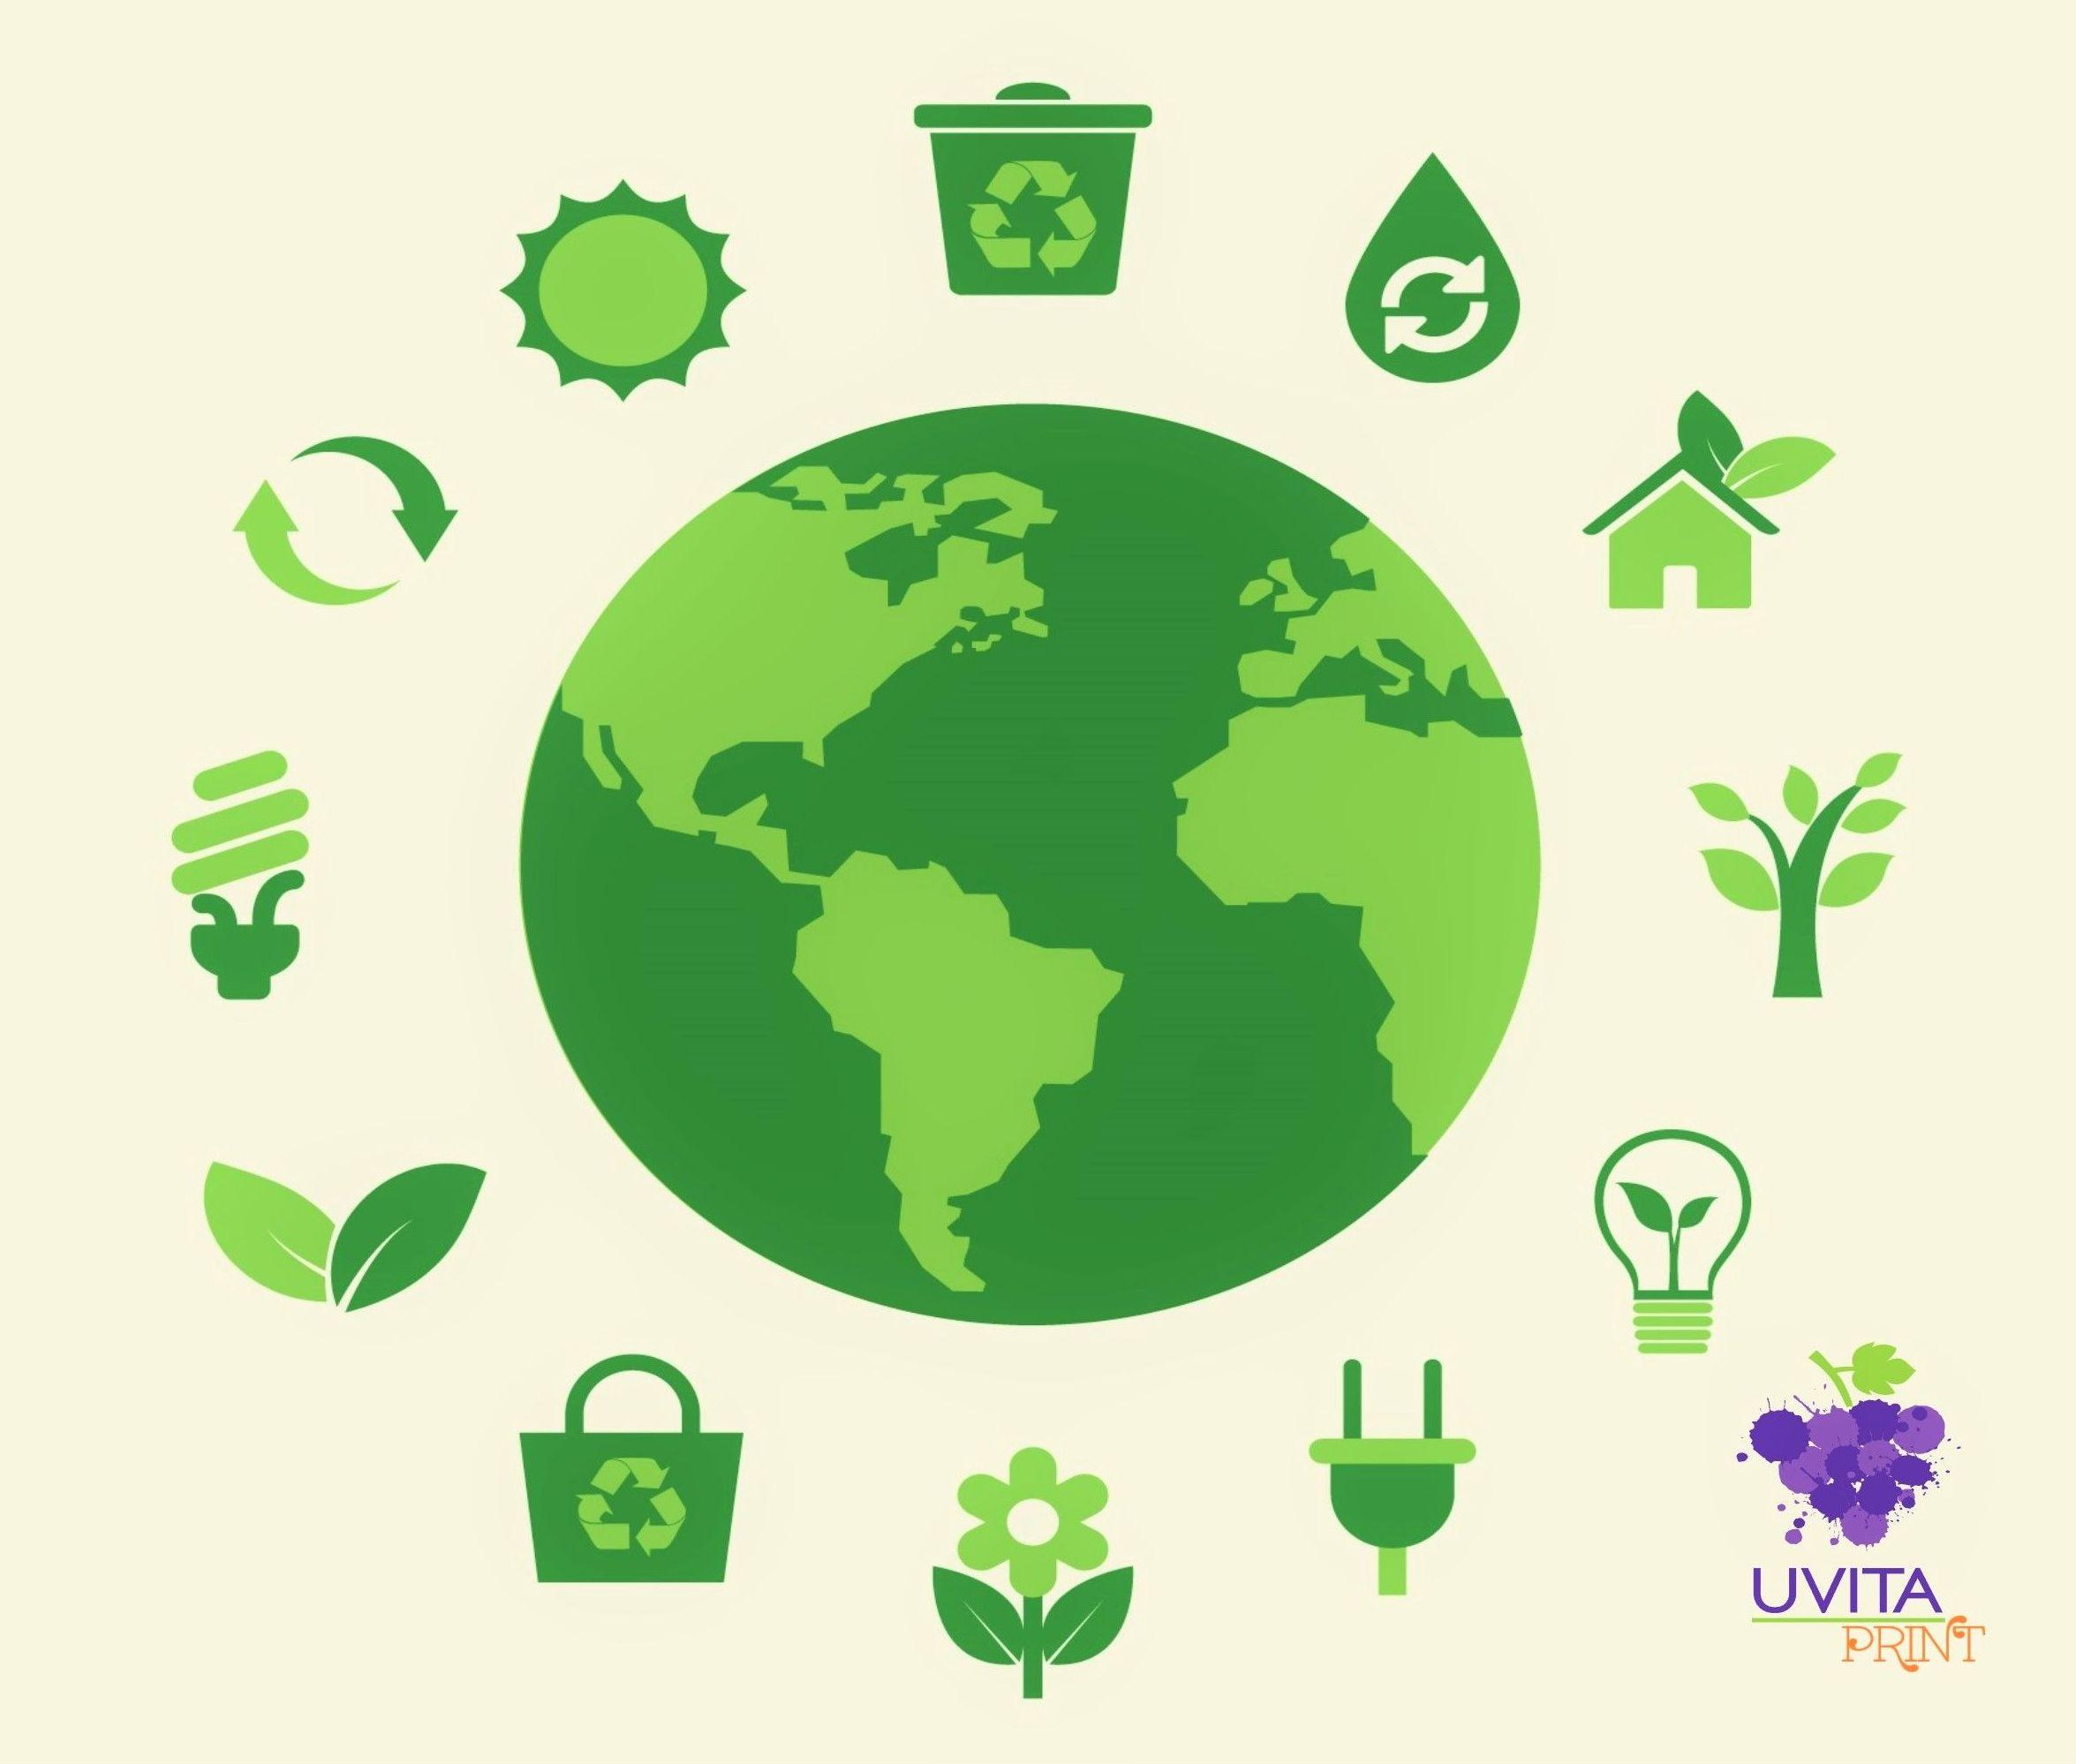 Eco Uvita